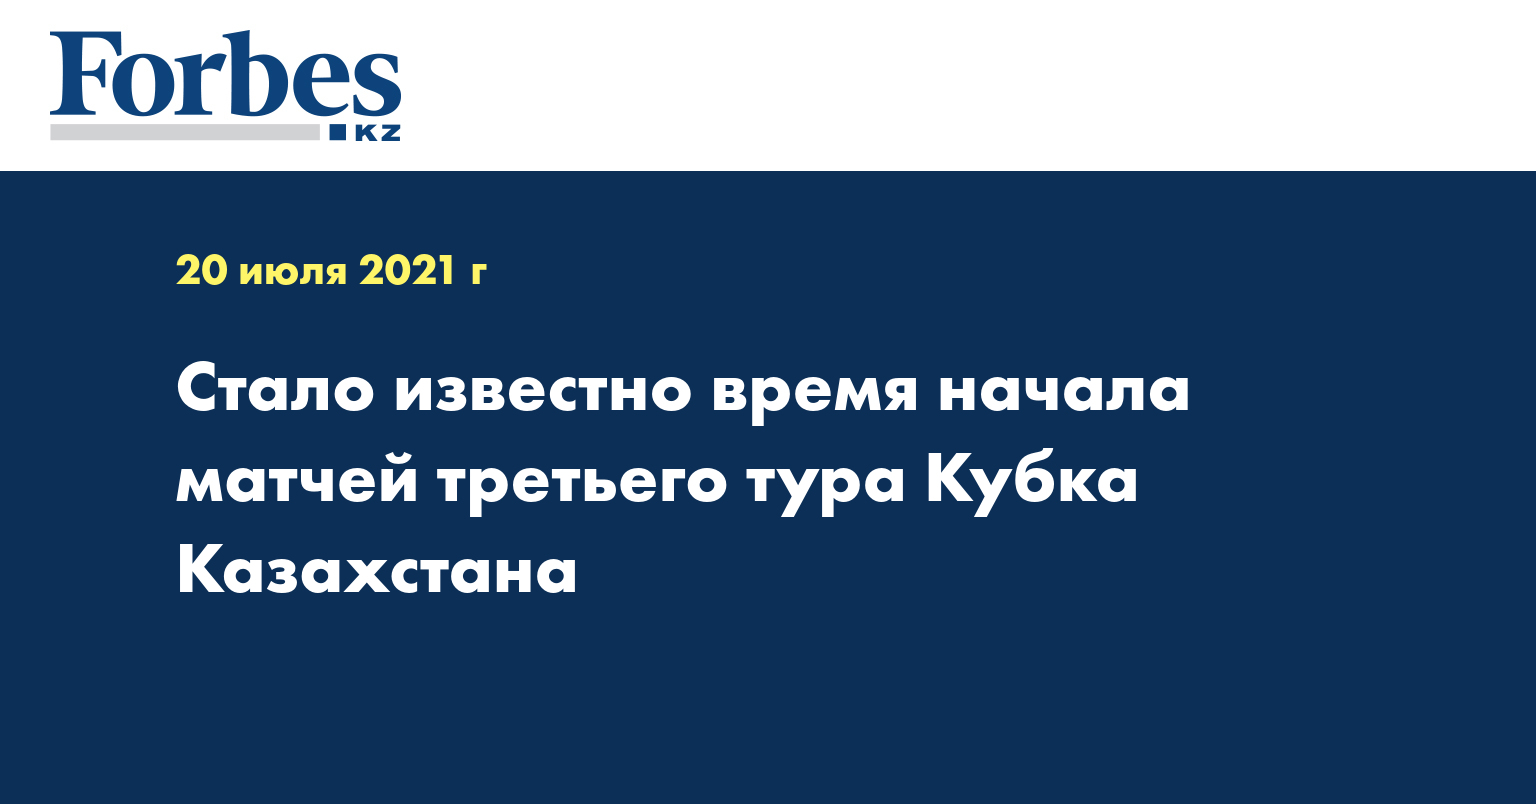 Стало известно время начала матчей третьего тура Кубка Казахстана